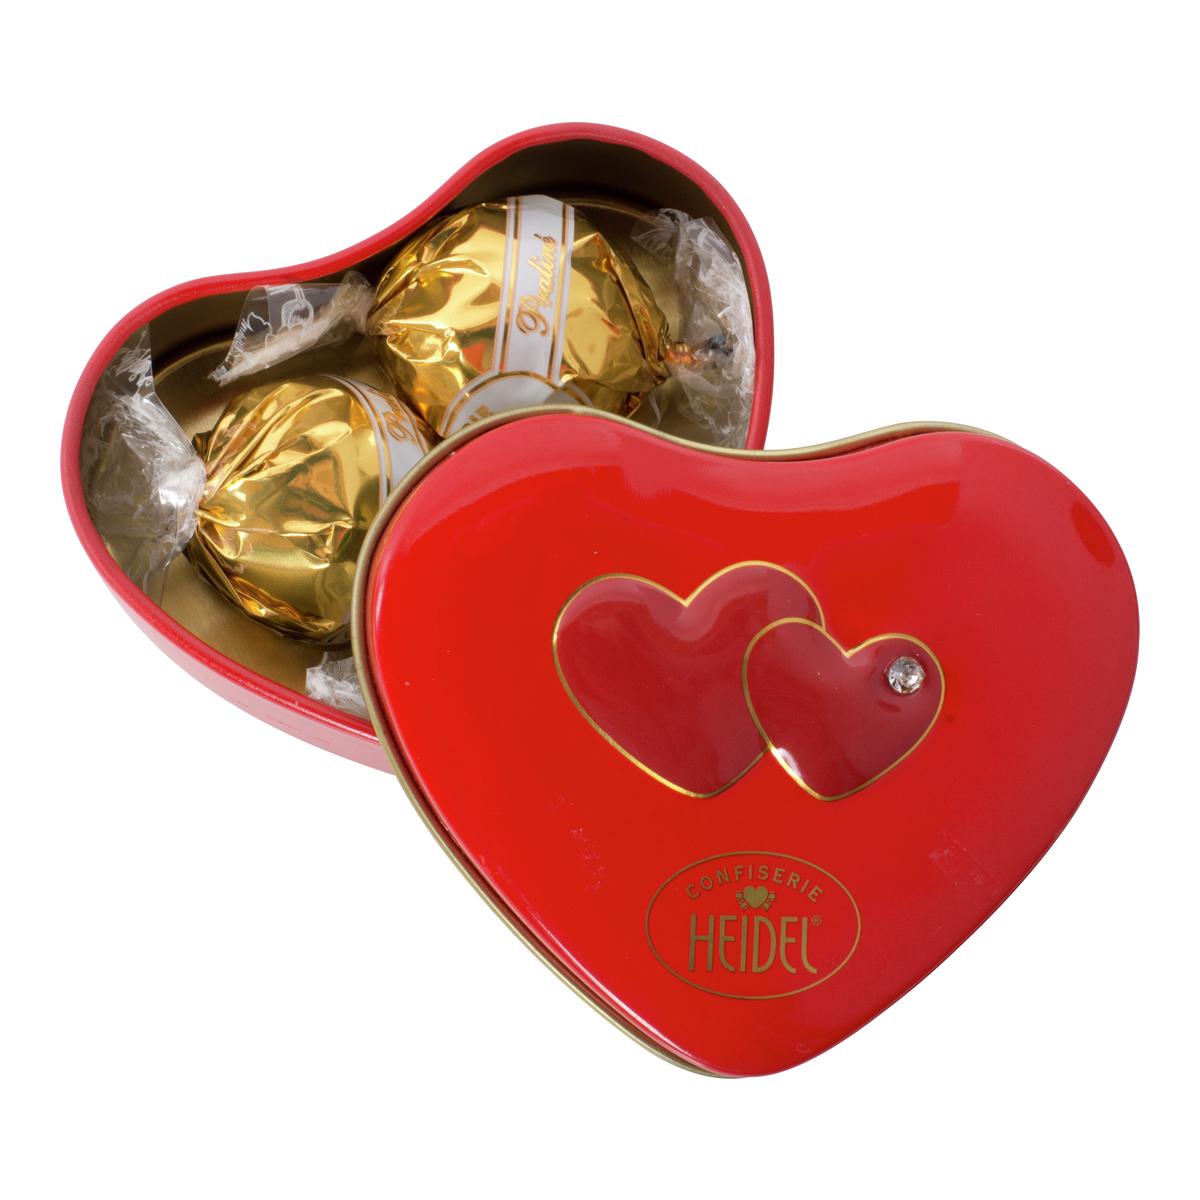 Sjokoladeboks-SJO902